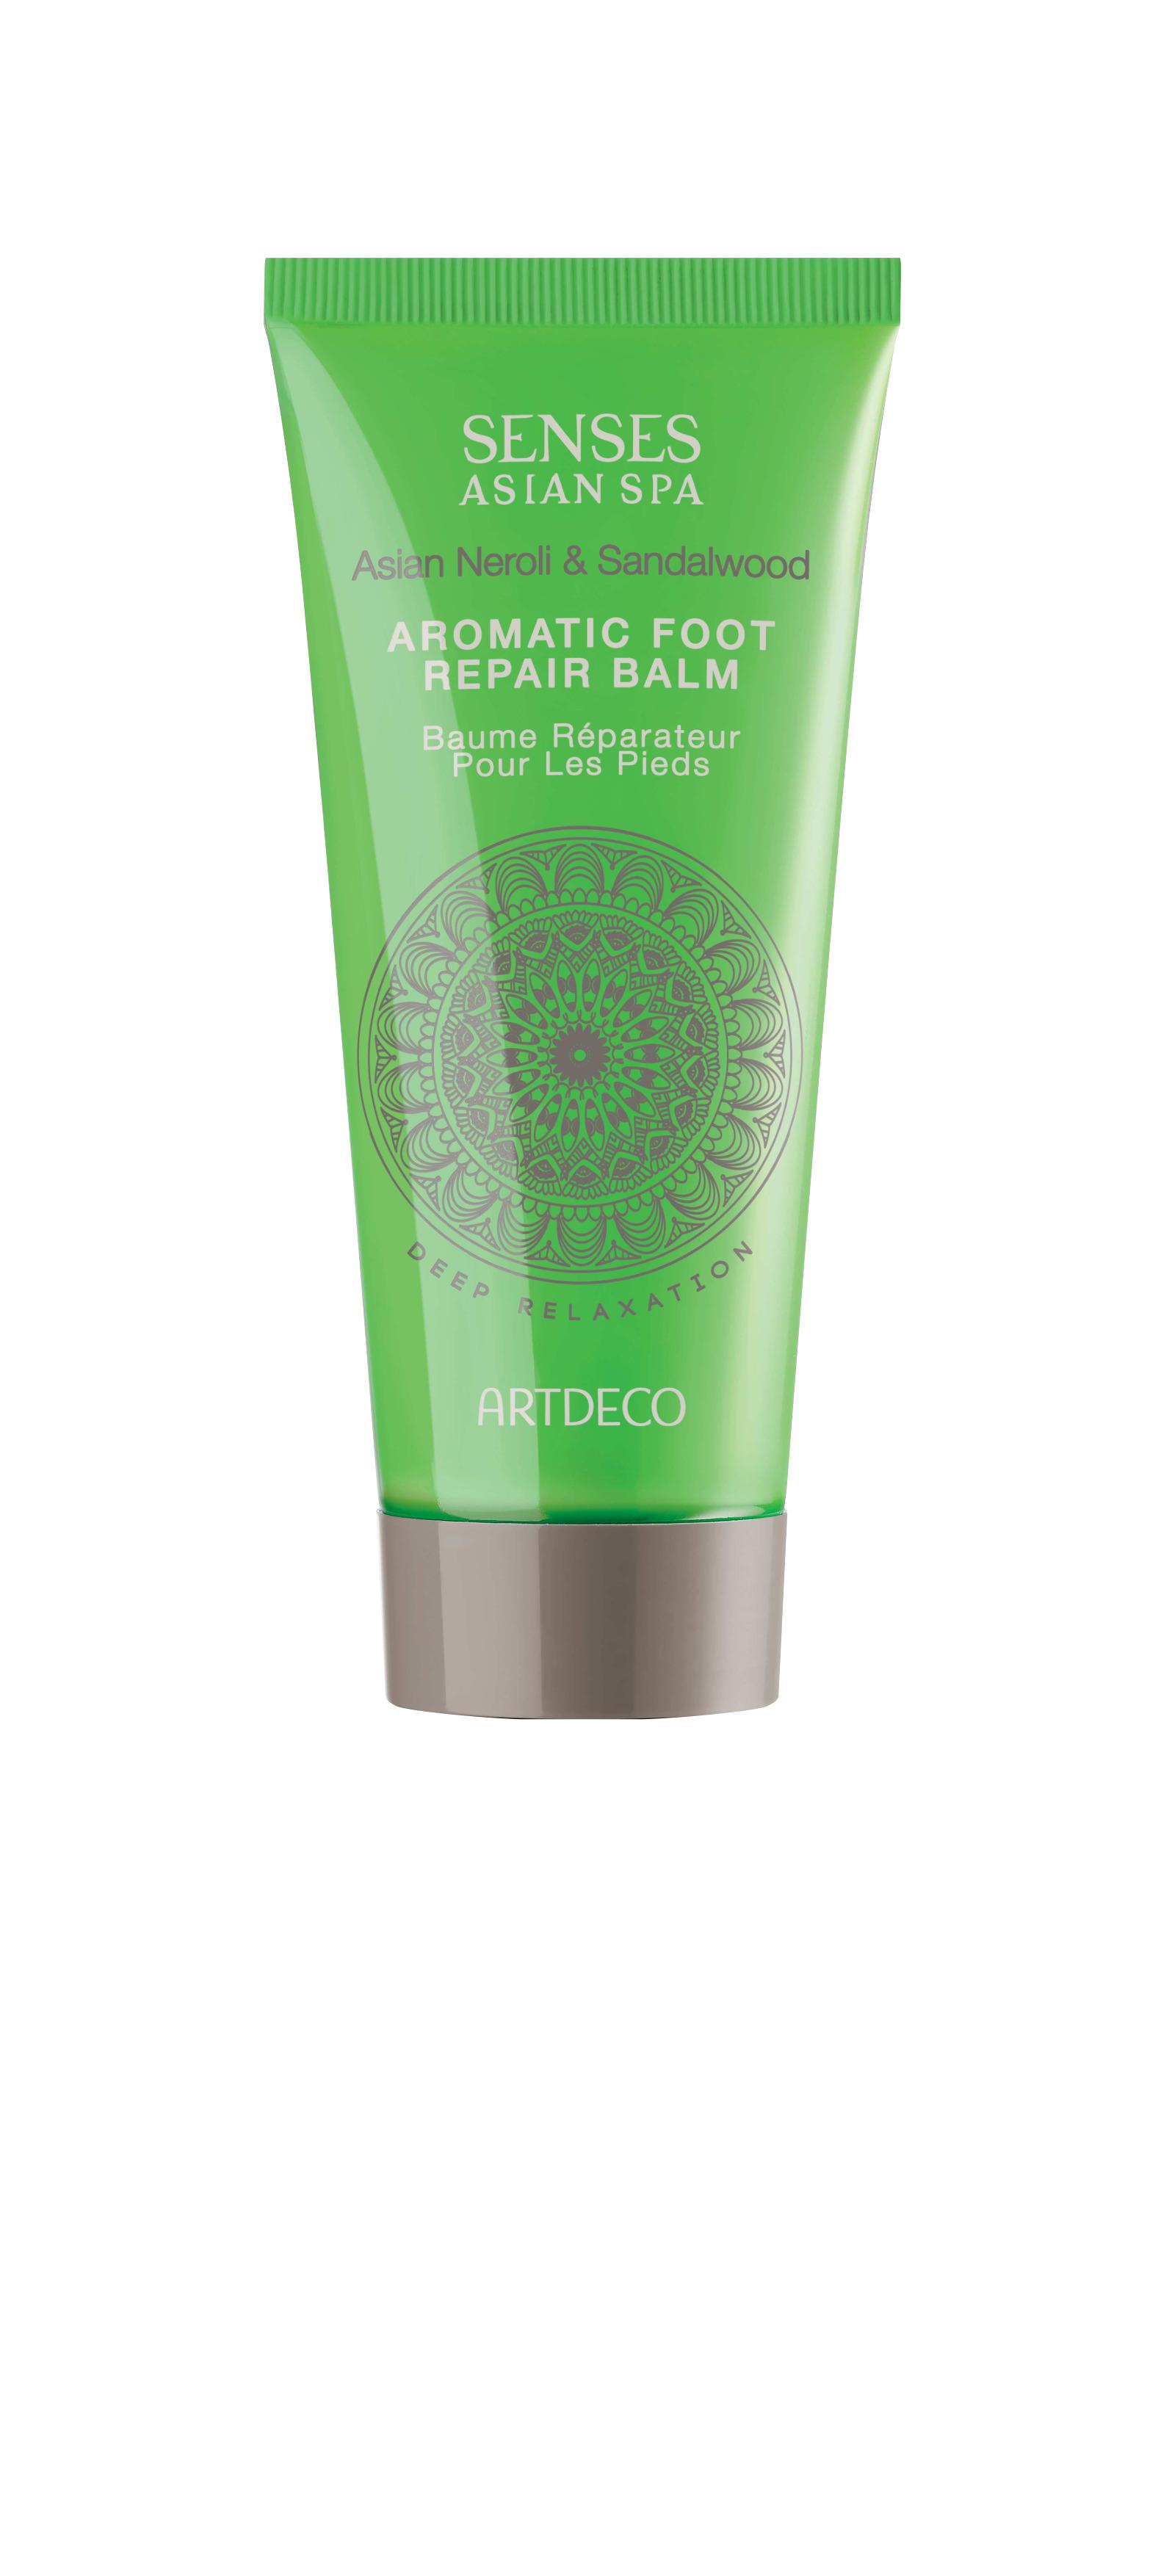 Artdeco бальзам для ног восстанавливающий Aromatic foot repair balm, deep relaxation, 100 млFS-00610Интенсивно увлажняет и питает кожуОбладает освежающим эффектом